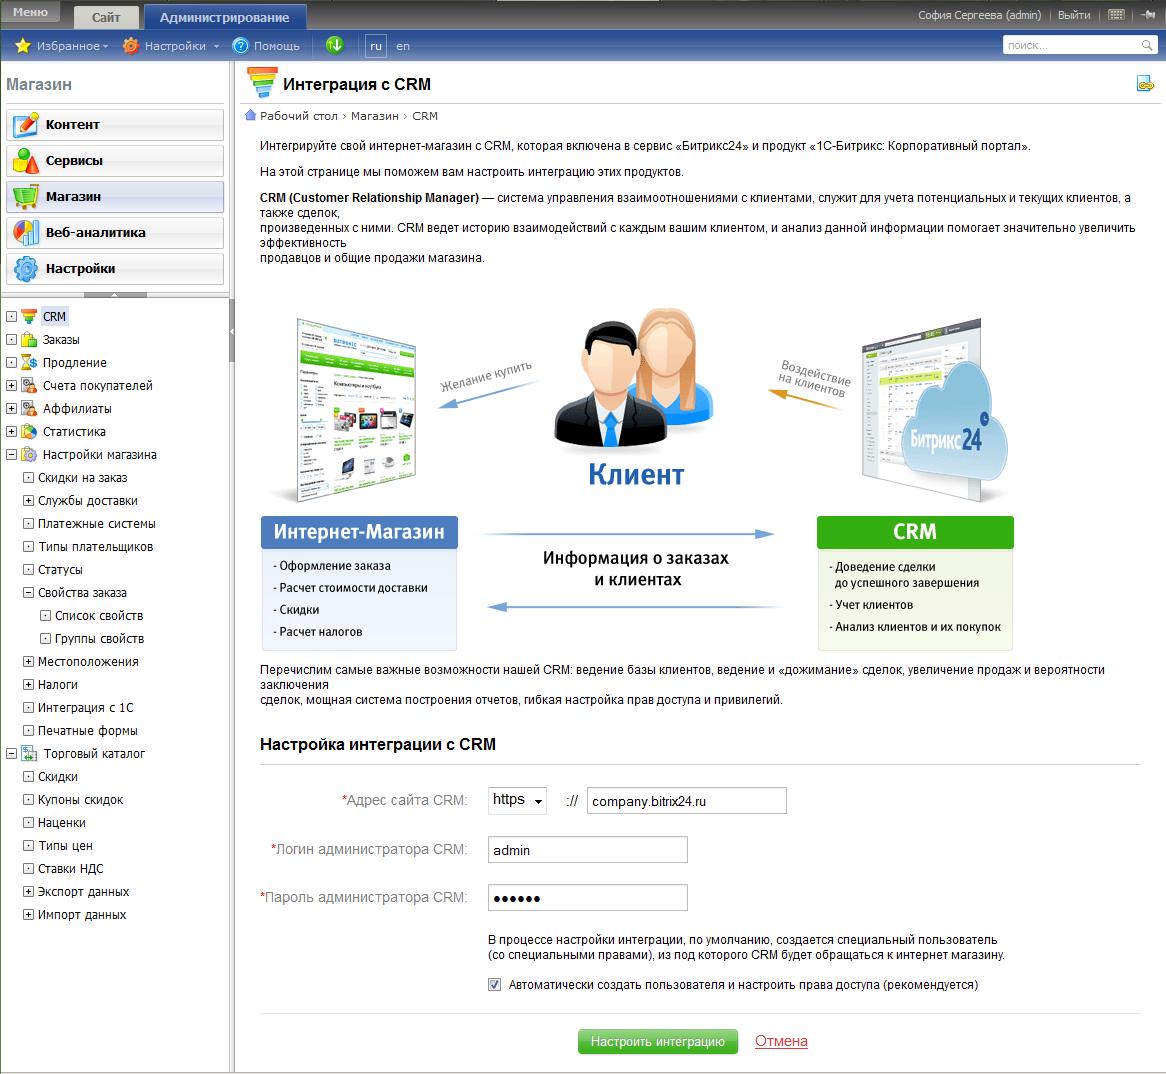 В новой версии системы управления веб-проектами 1С-Битрикс